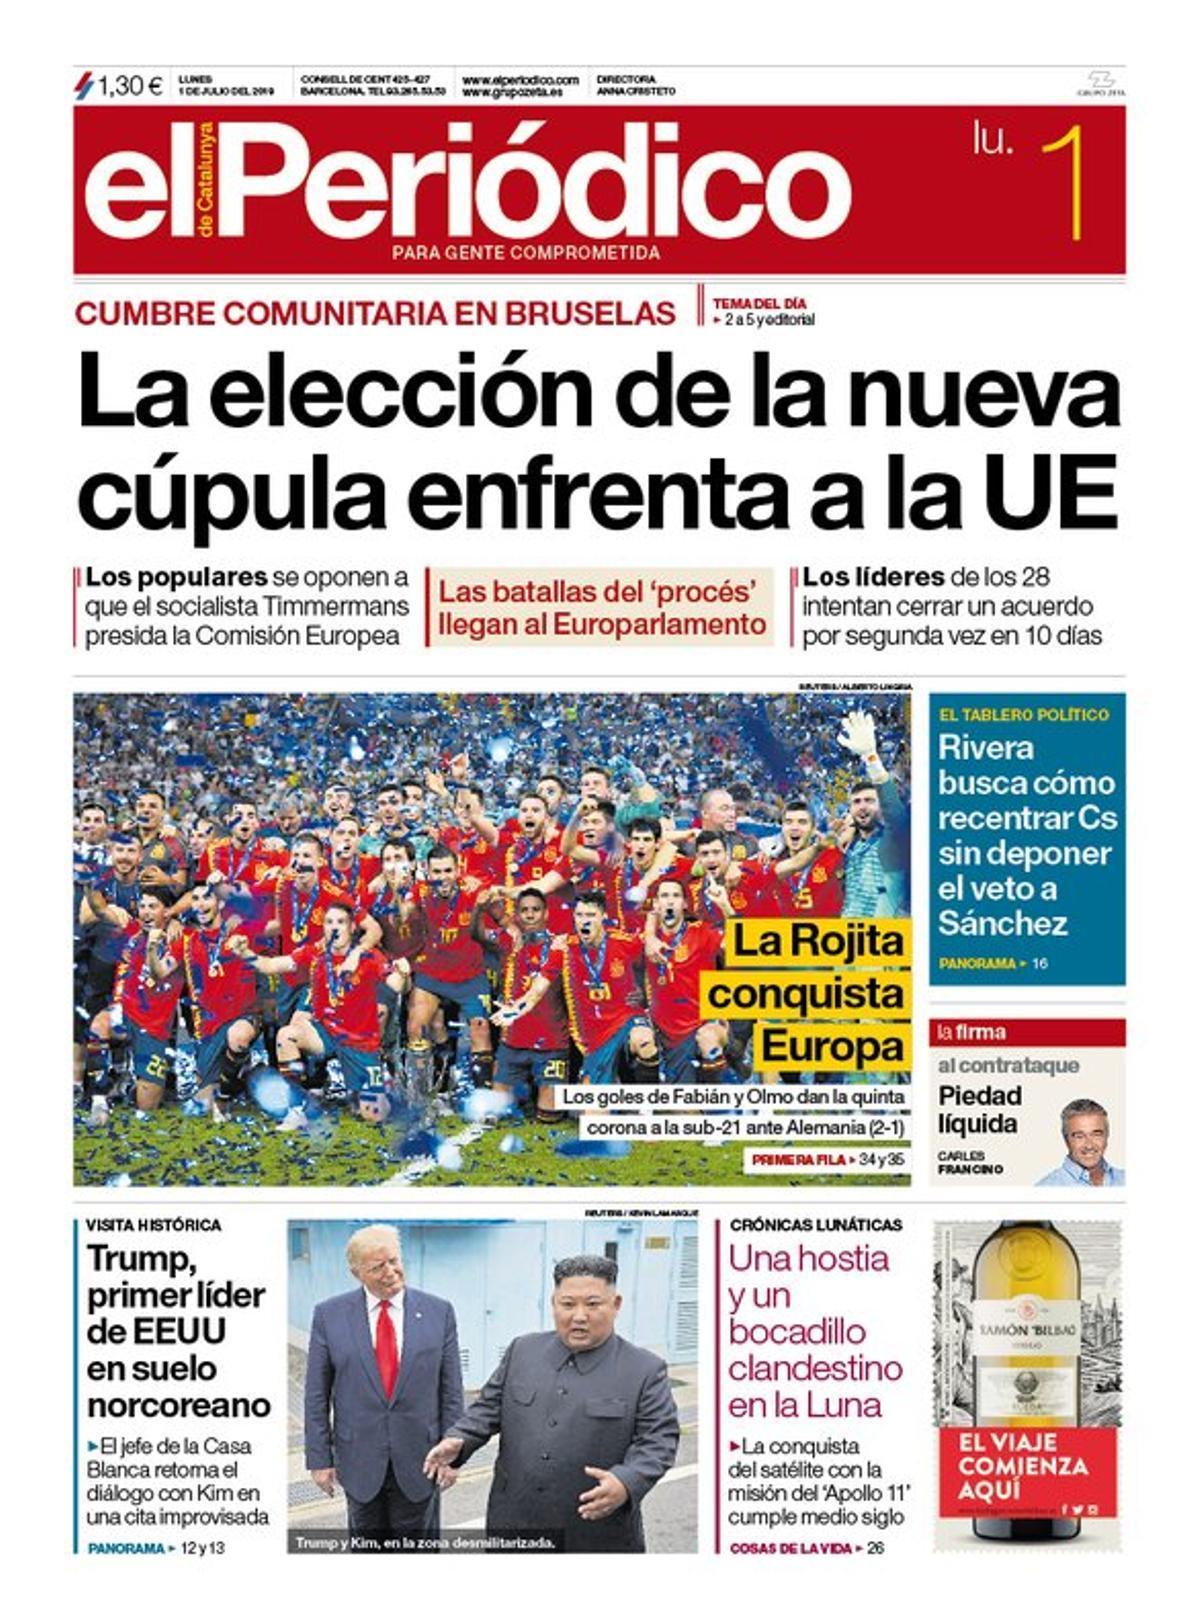 La portada de EL PERIÓDICO del 1 de julio del 2019.